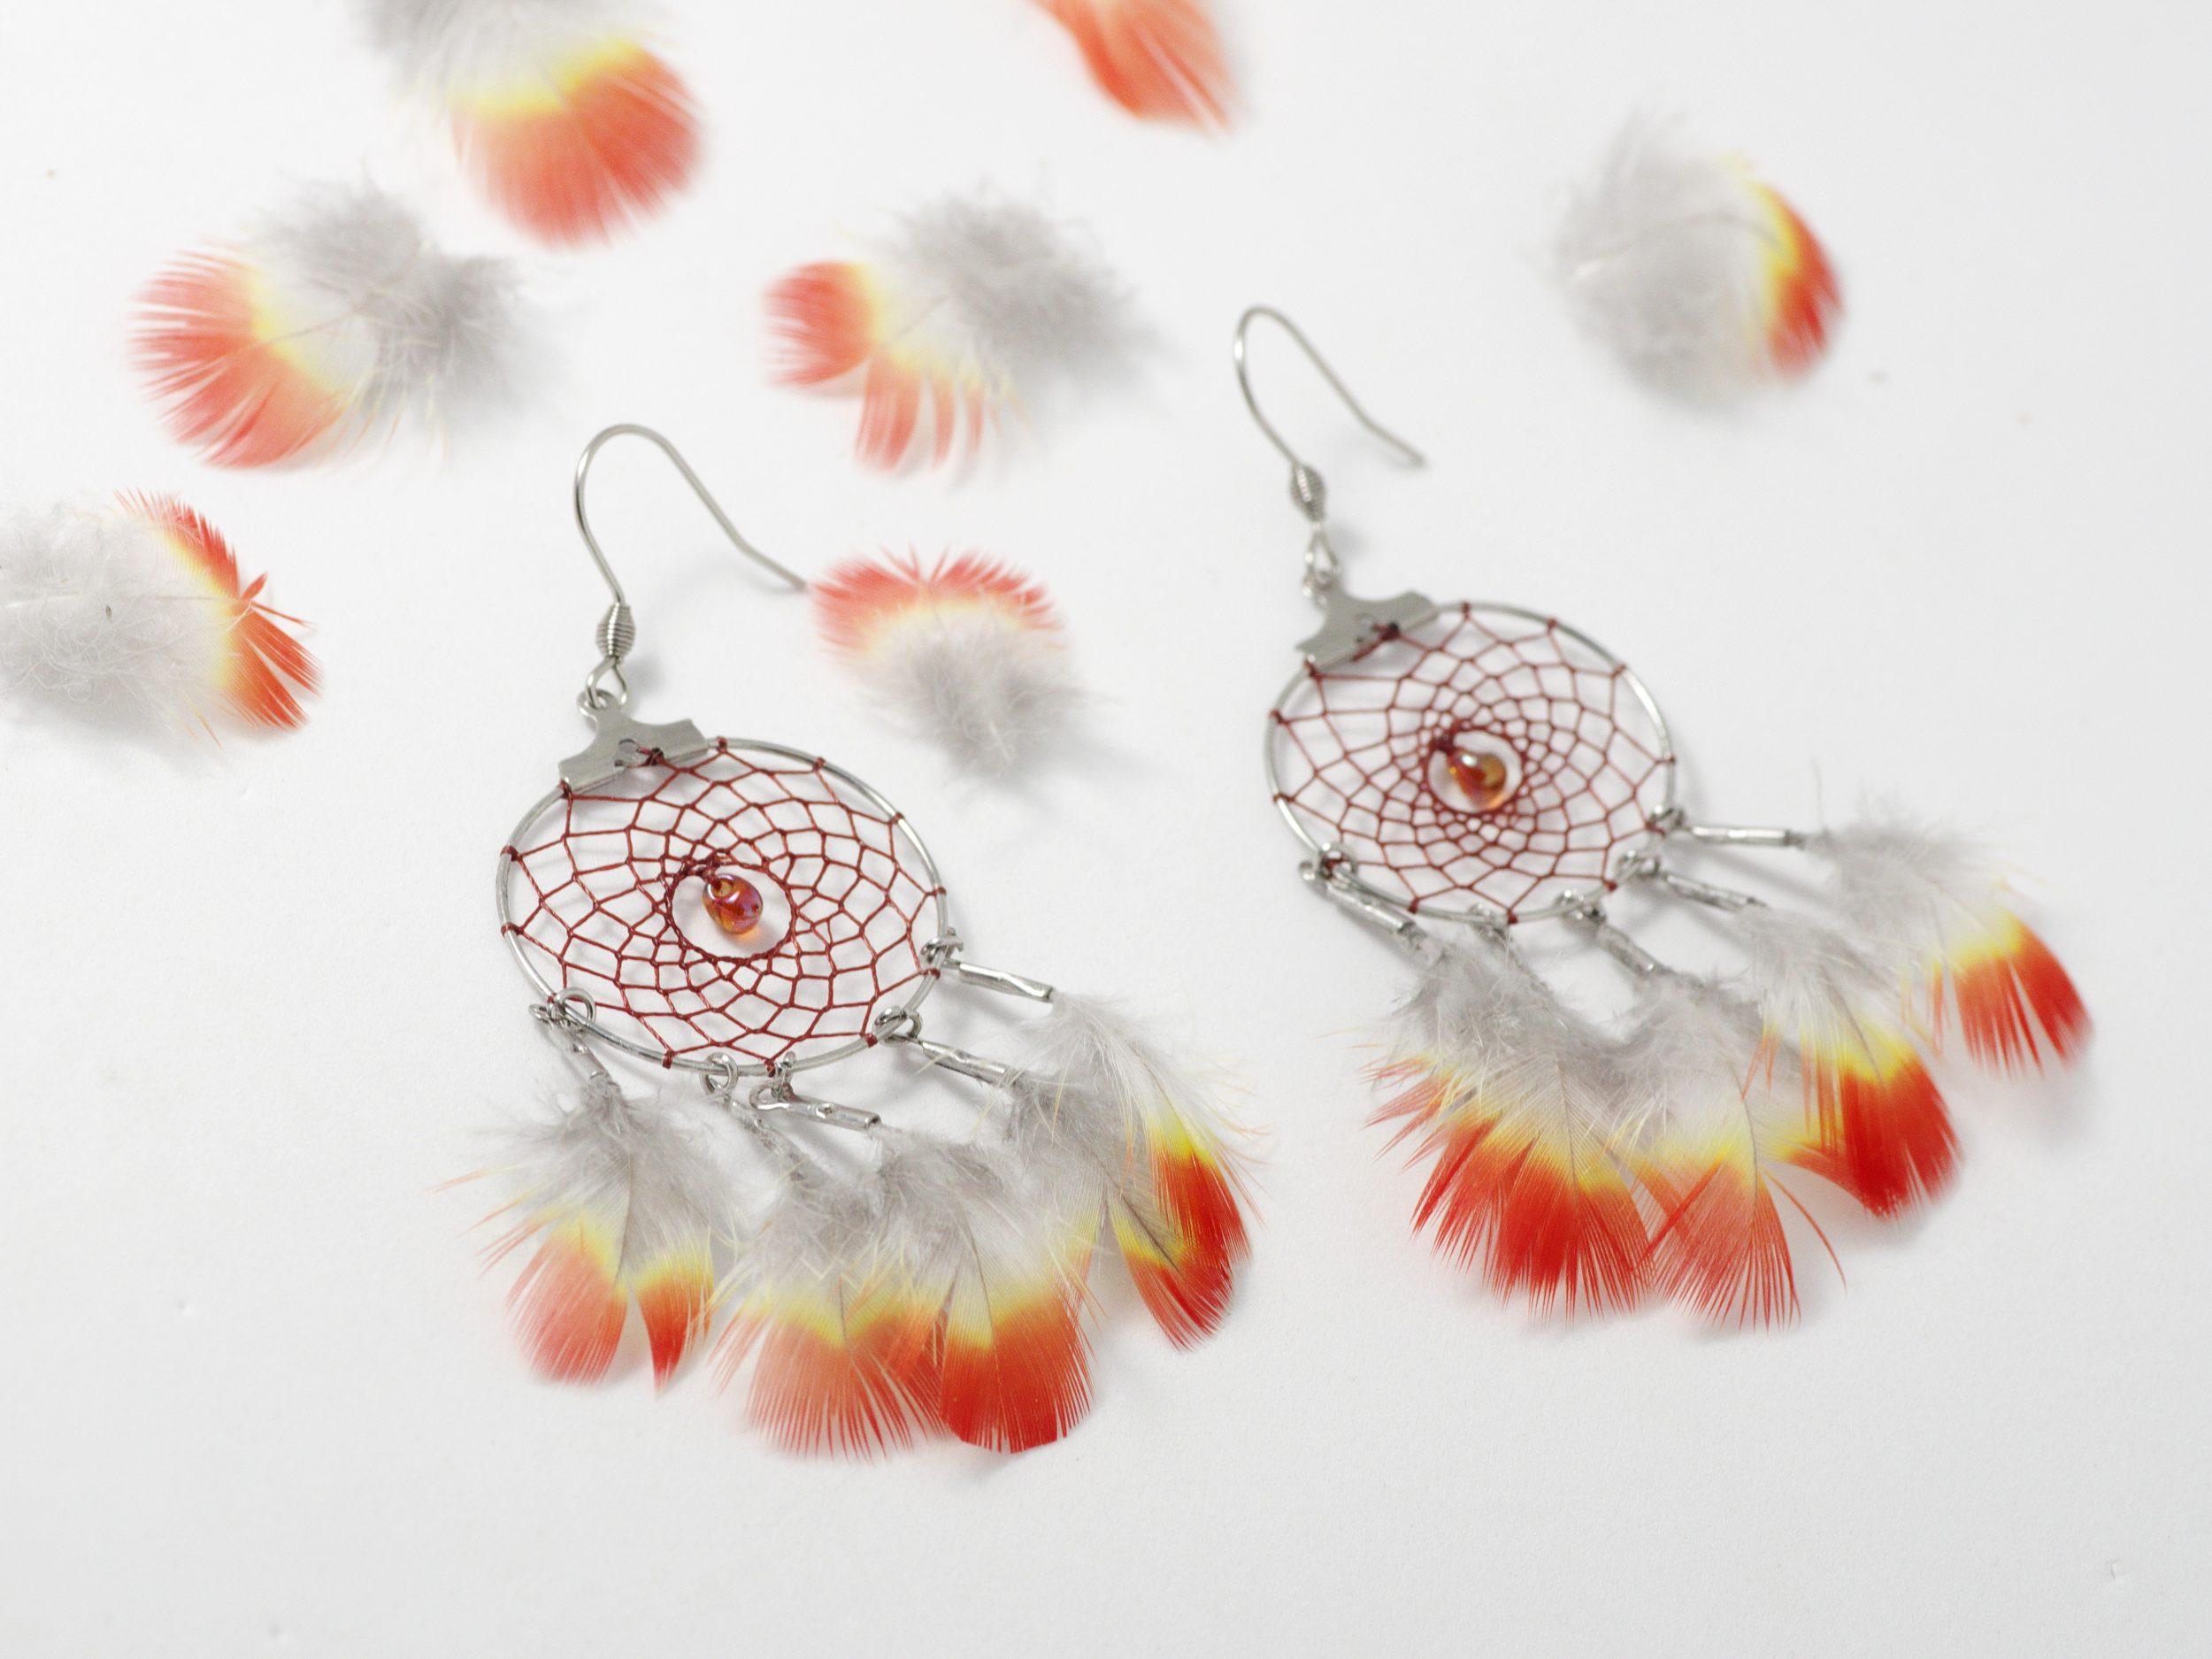 boucles d'oreilles dreamcatchers avec de mini plumes rouges et jaunes et une toile finement tissée rouge sombre sur un anneauen inox